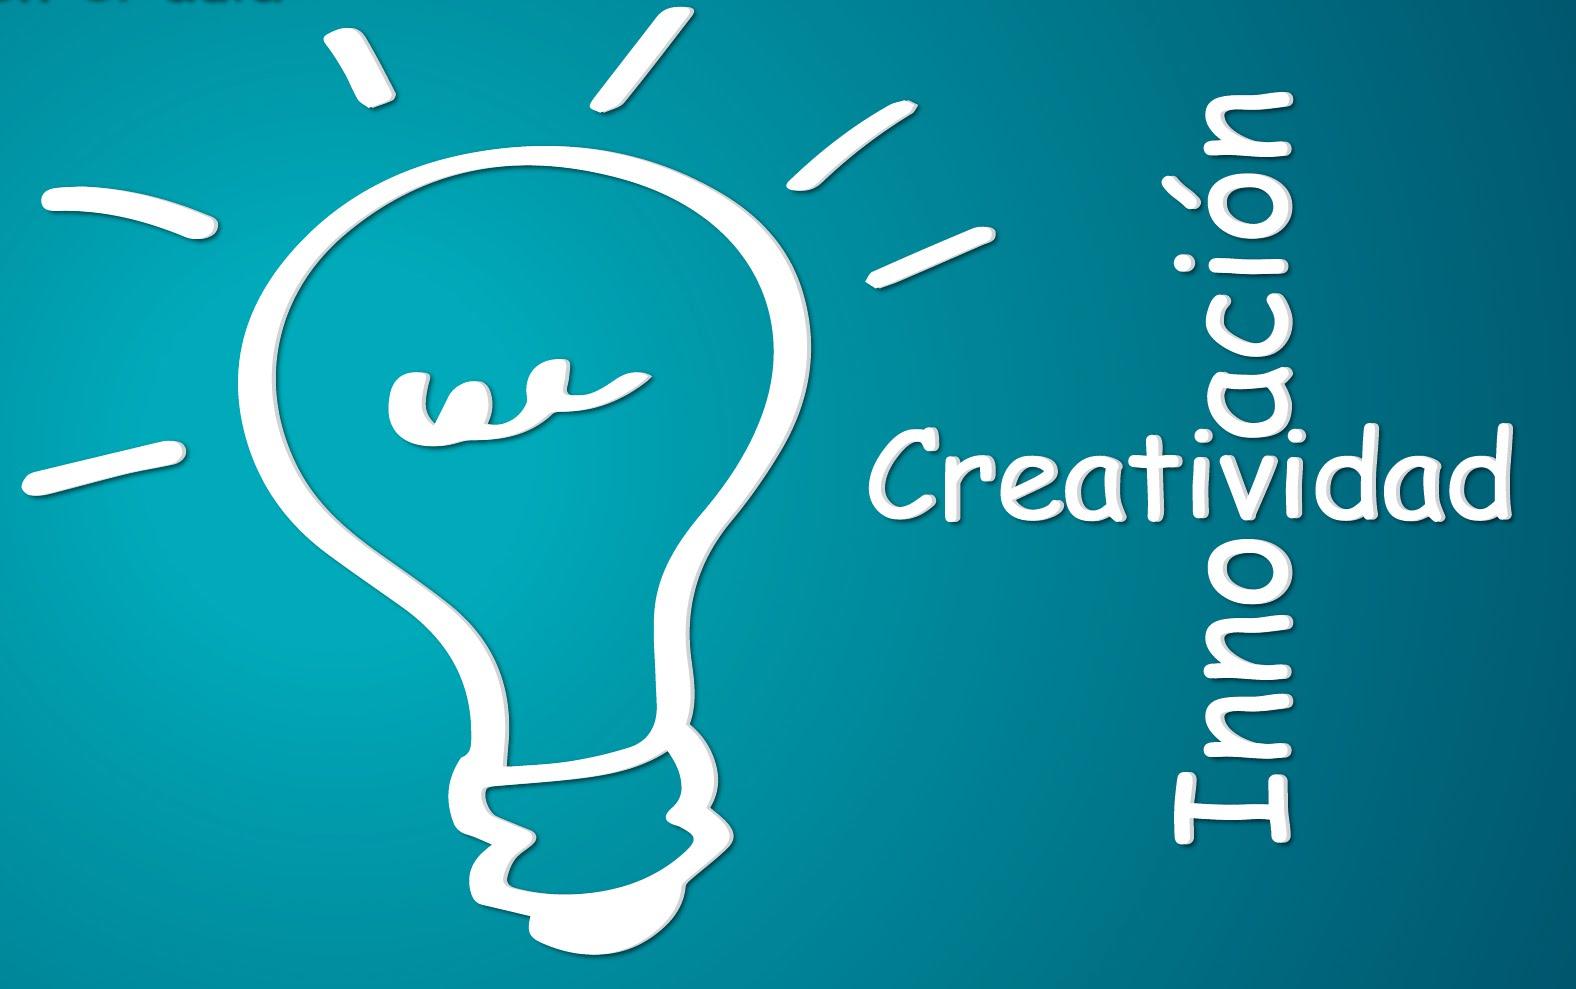 Innovadores versus creadores